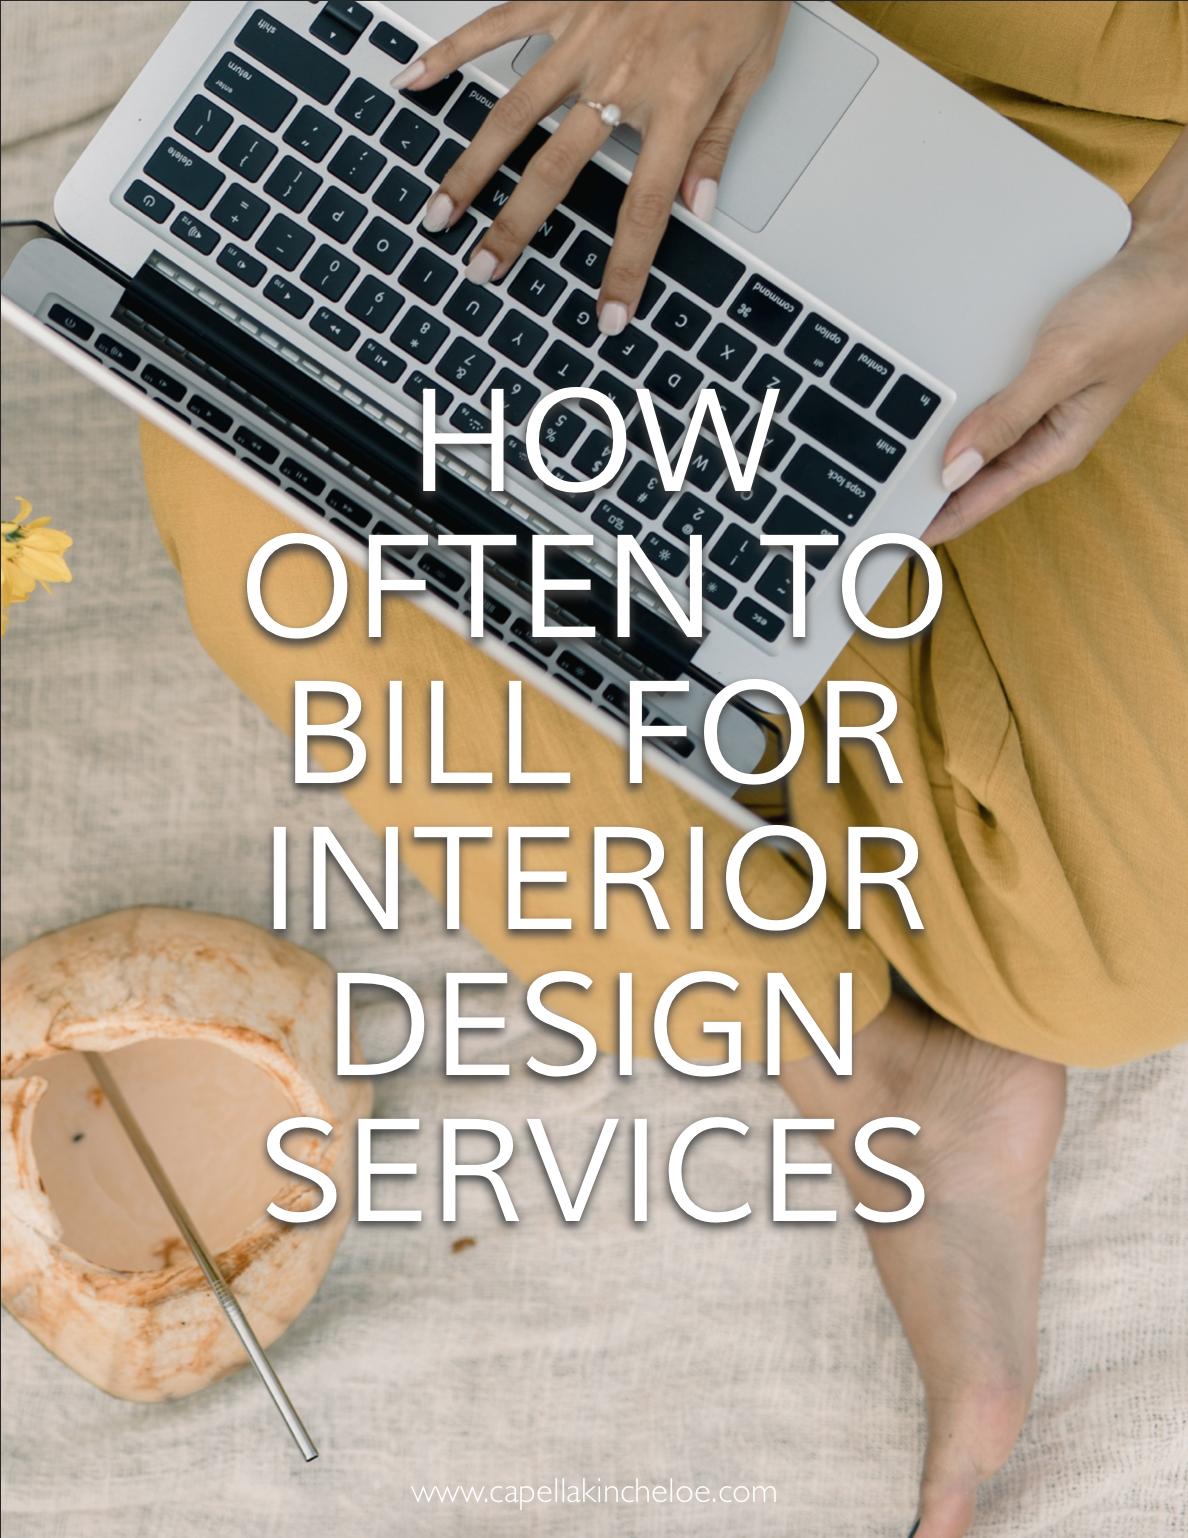 How Often to Bill for Interior Design Services — Capella ...